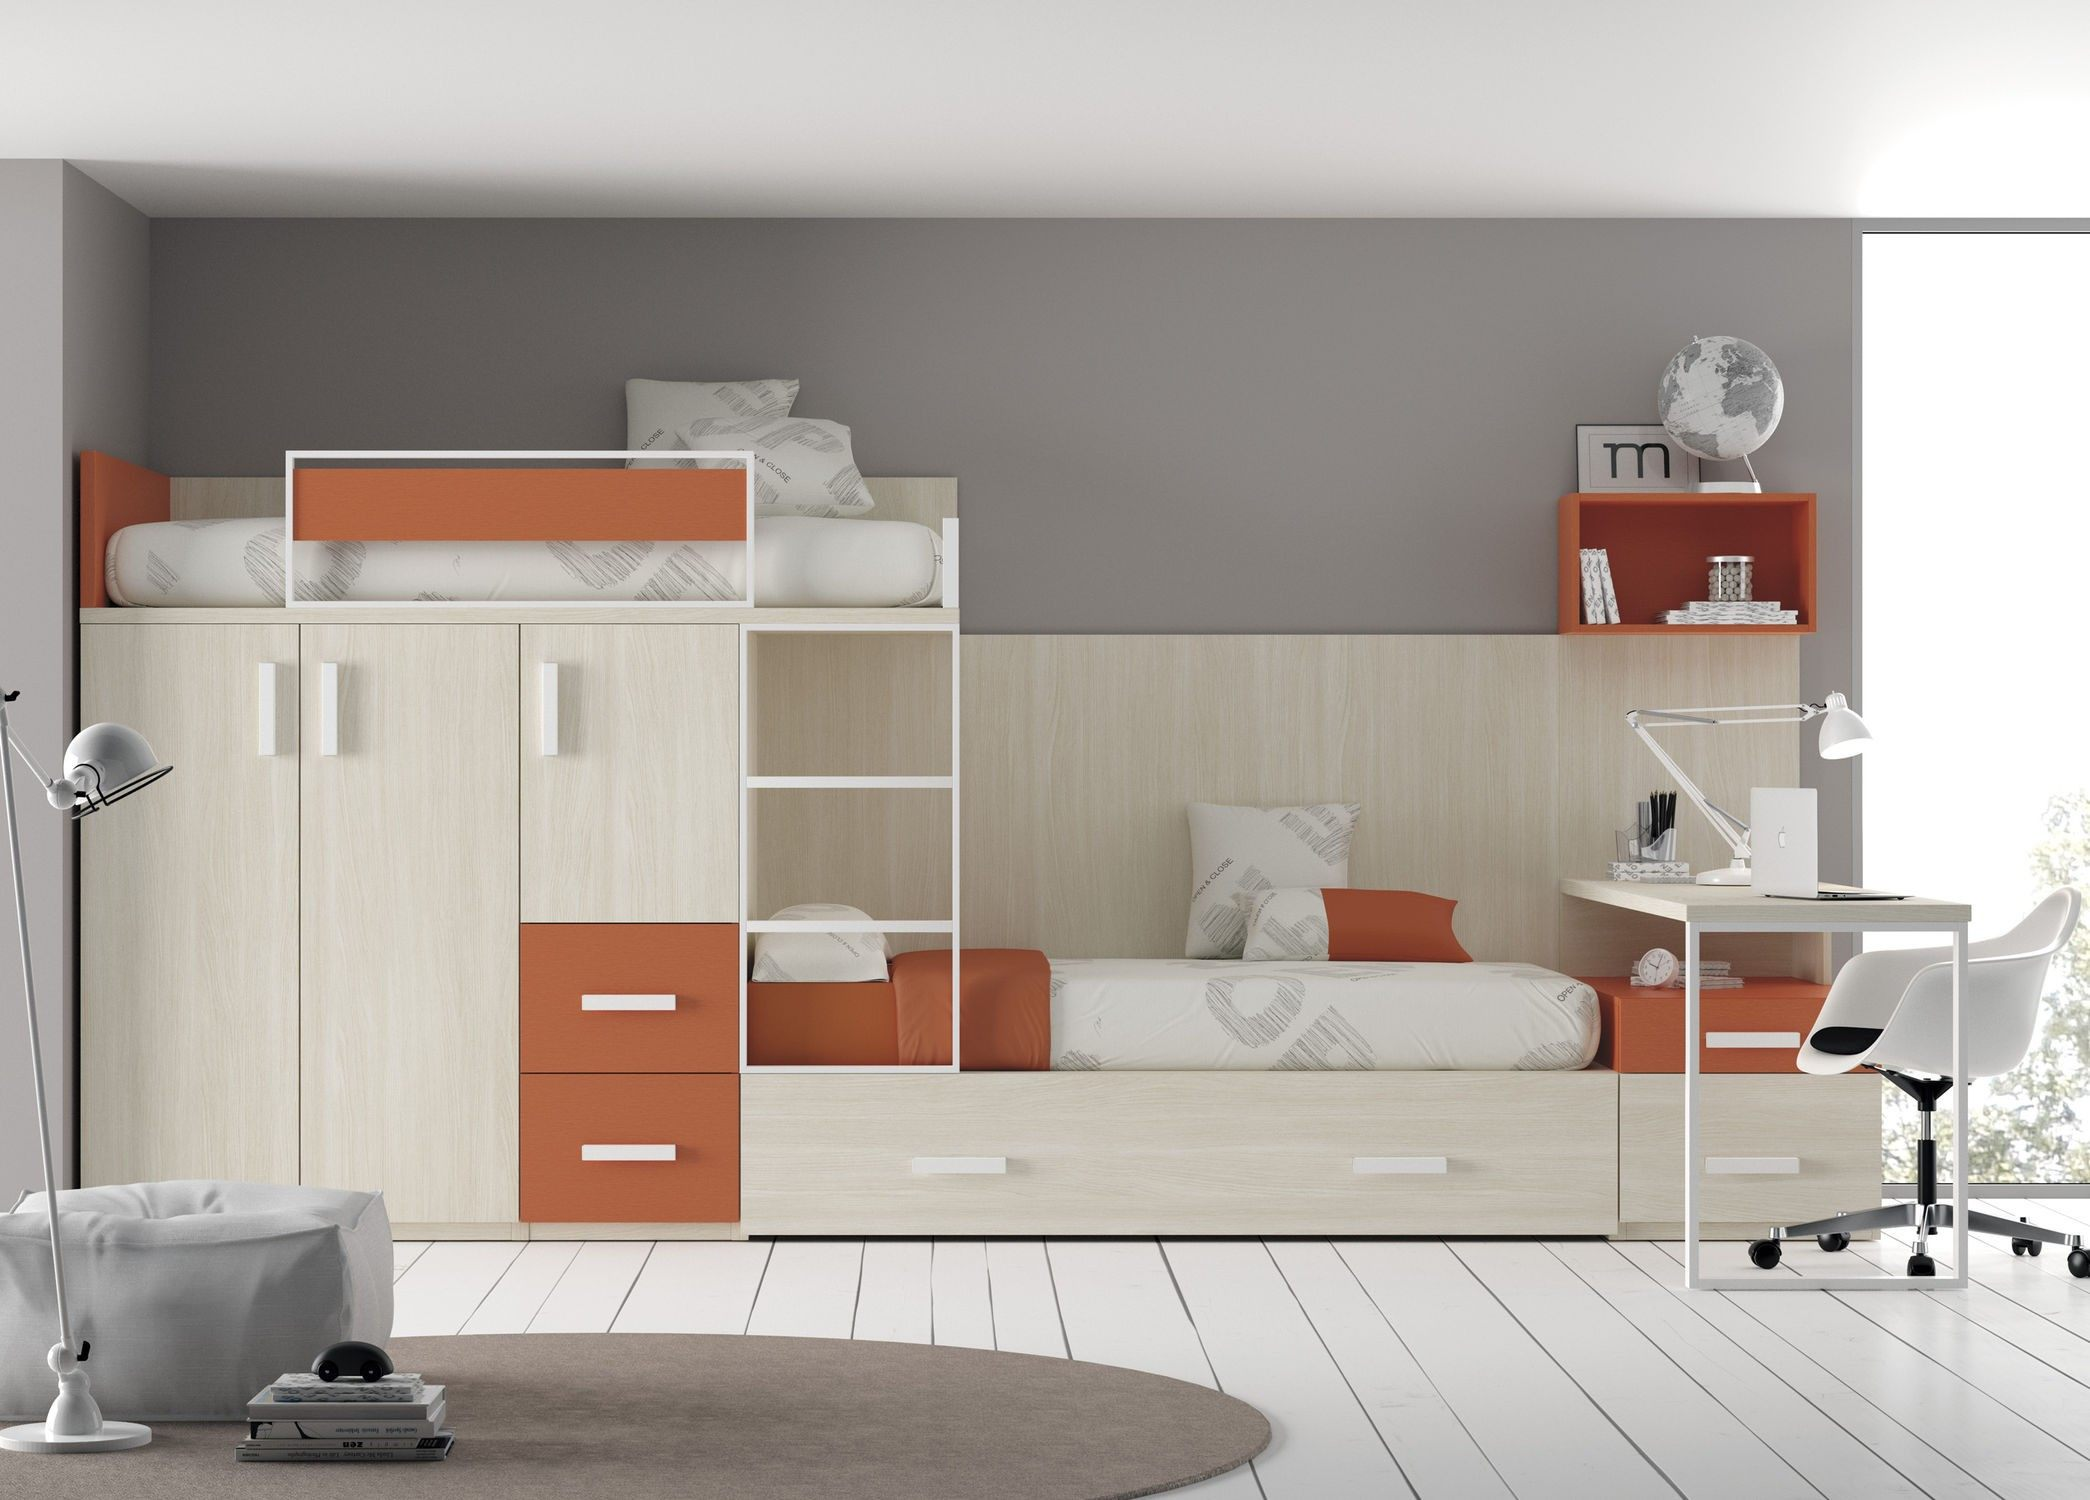 Canapé Lit Une Place Fraîche Captivant Canapé Lit Moderne Dans Lit Biné Armoire Fresh Lit